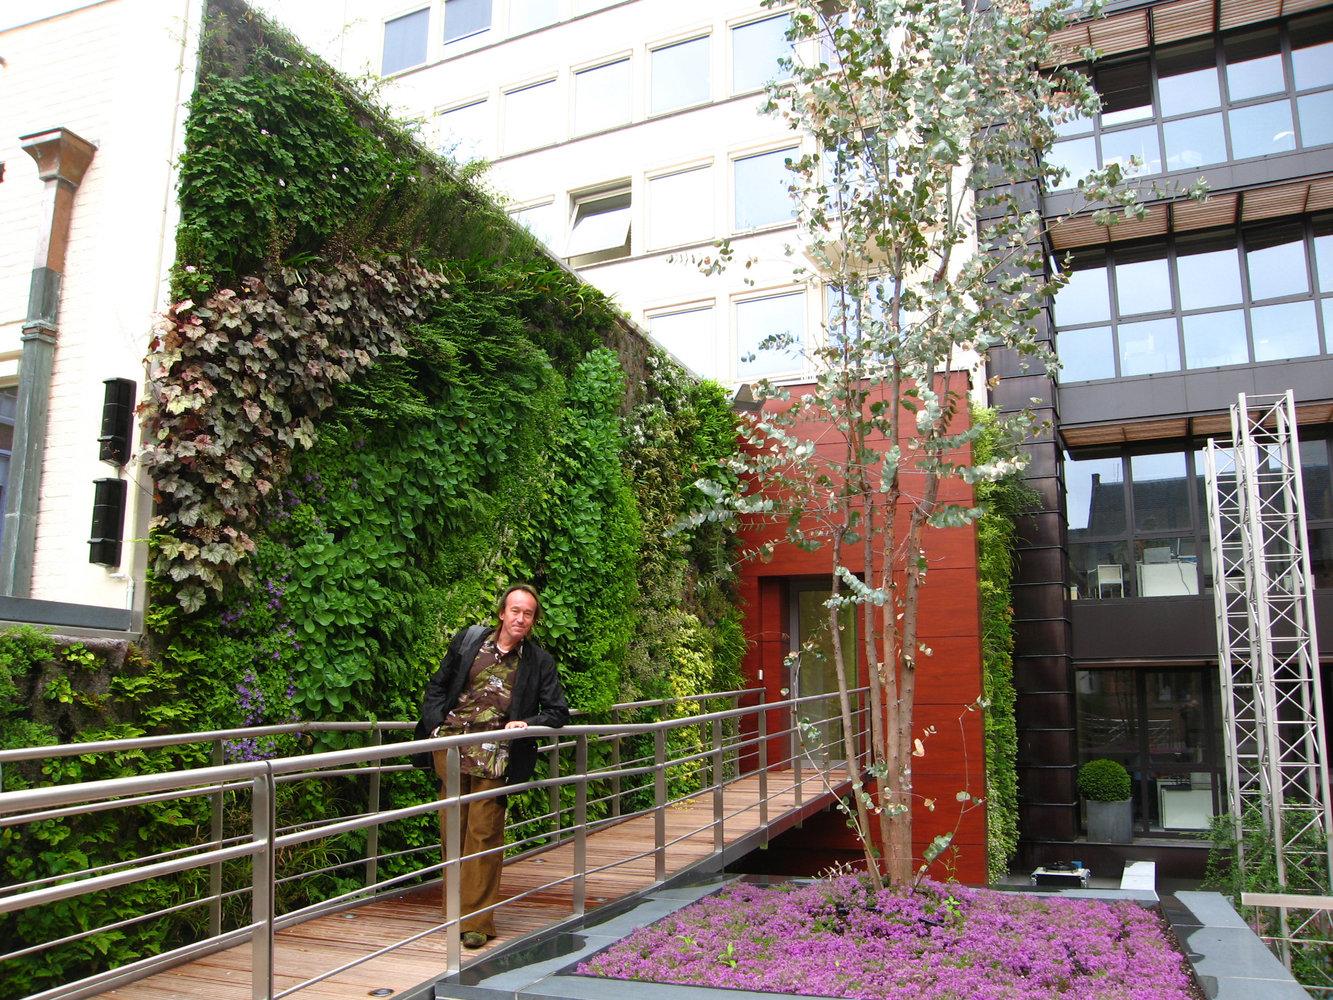 Parlement De Bruxelles Vertical Garden Patrick Blanc